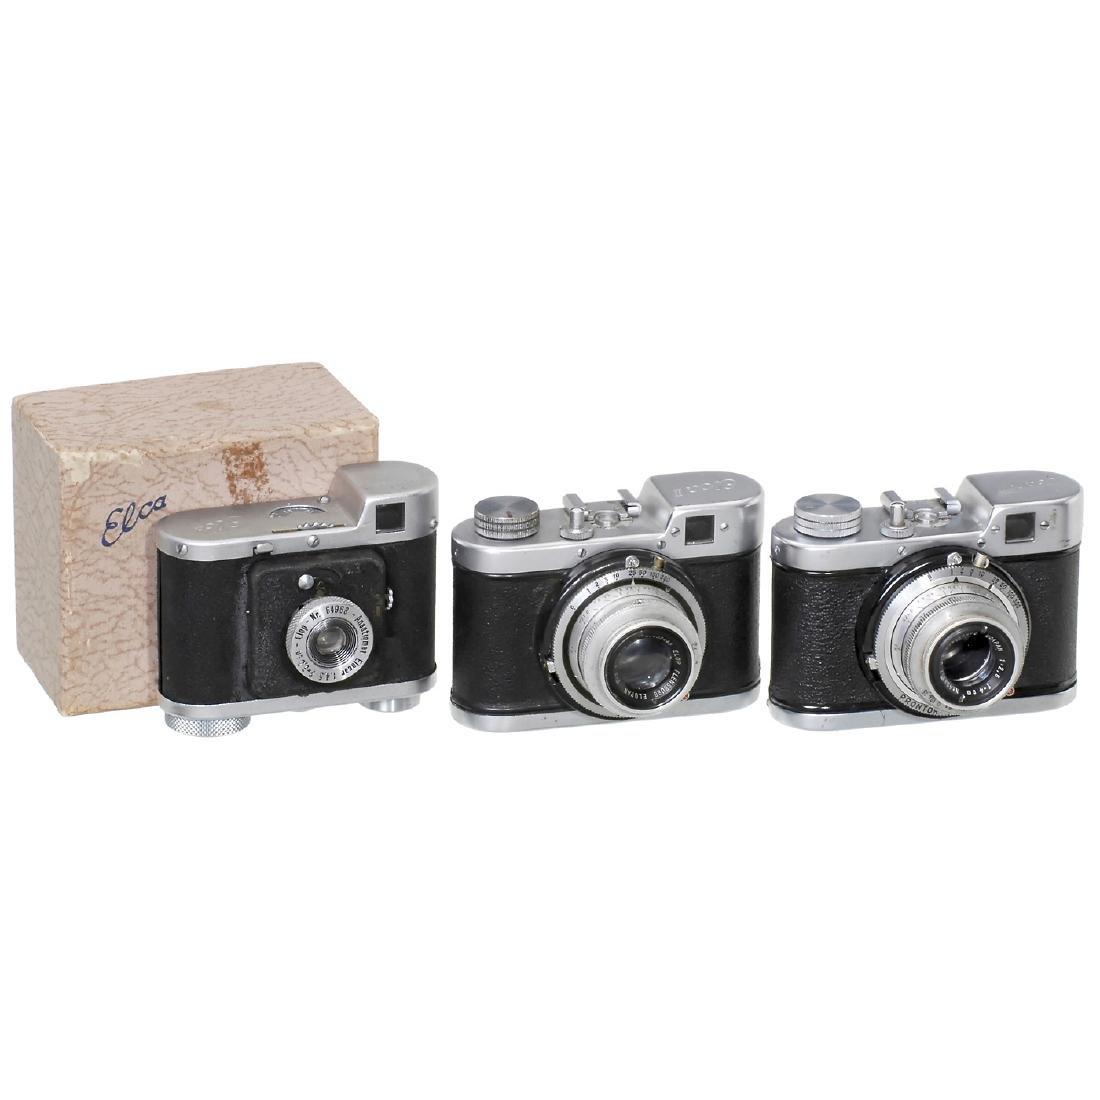 Ucanett and 2 Elca Cameras, 1947-51